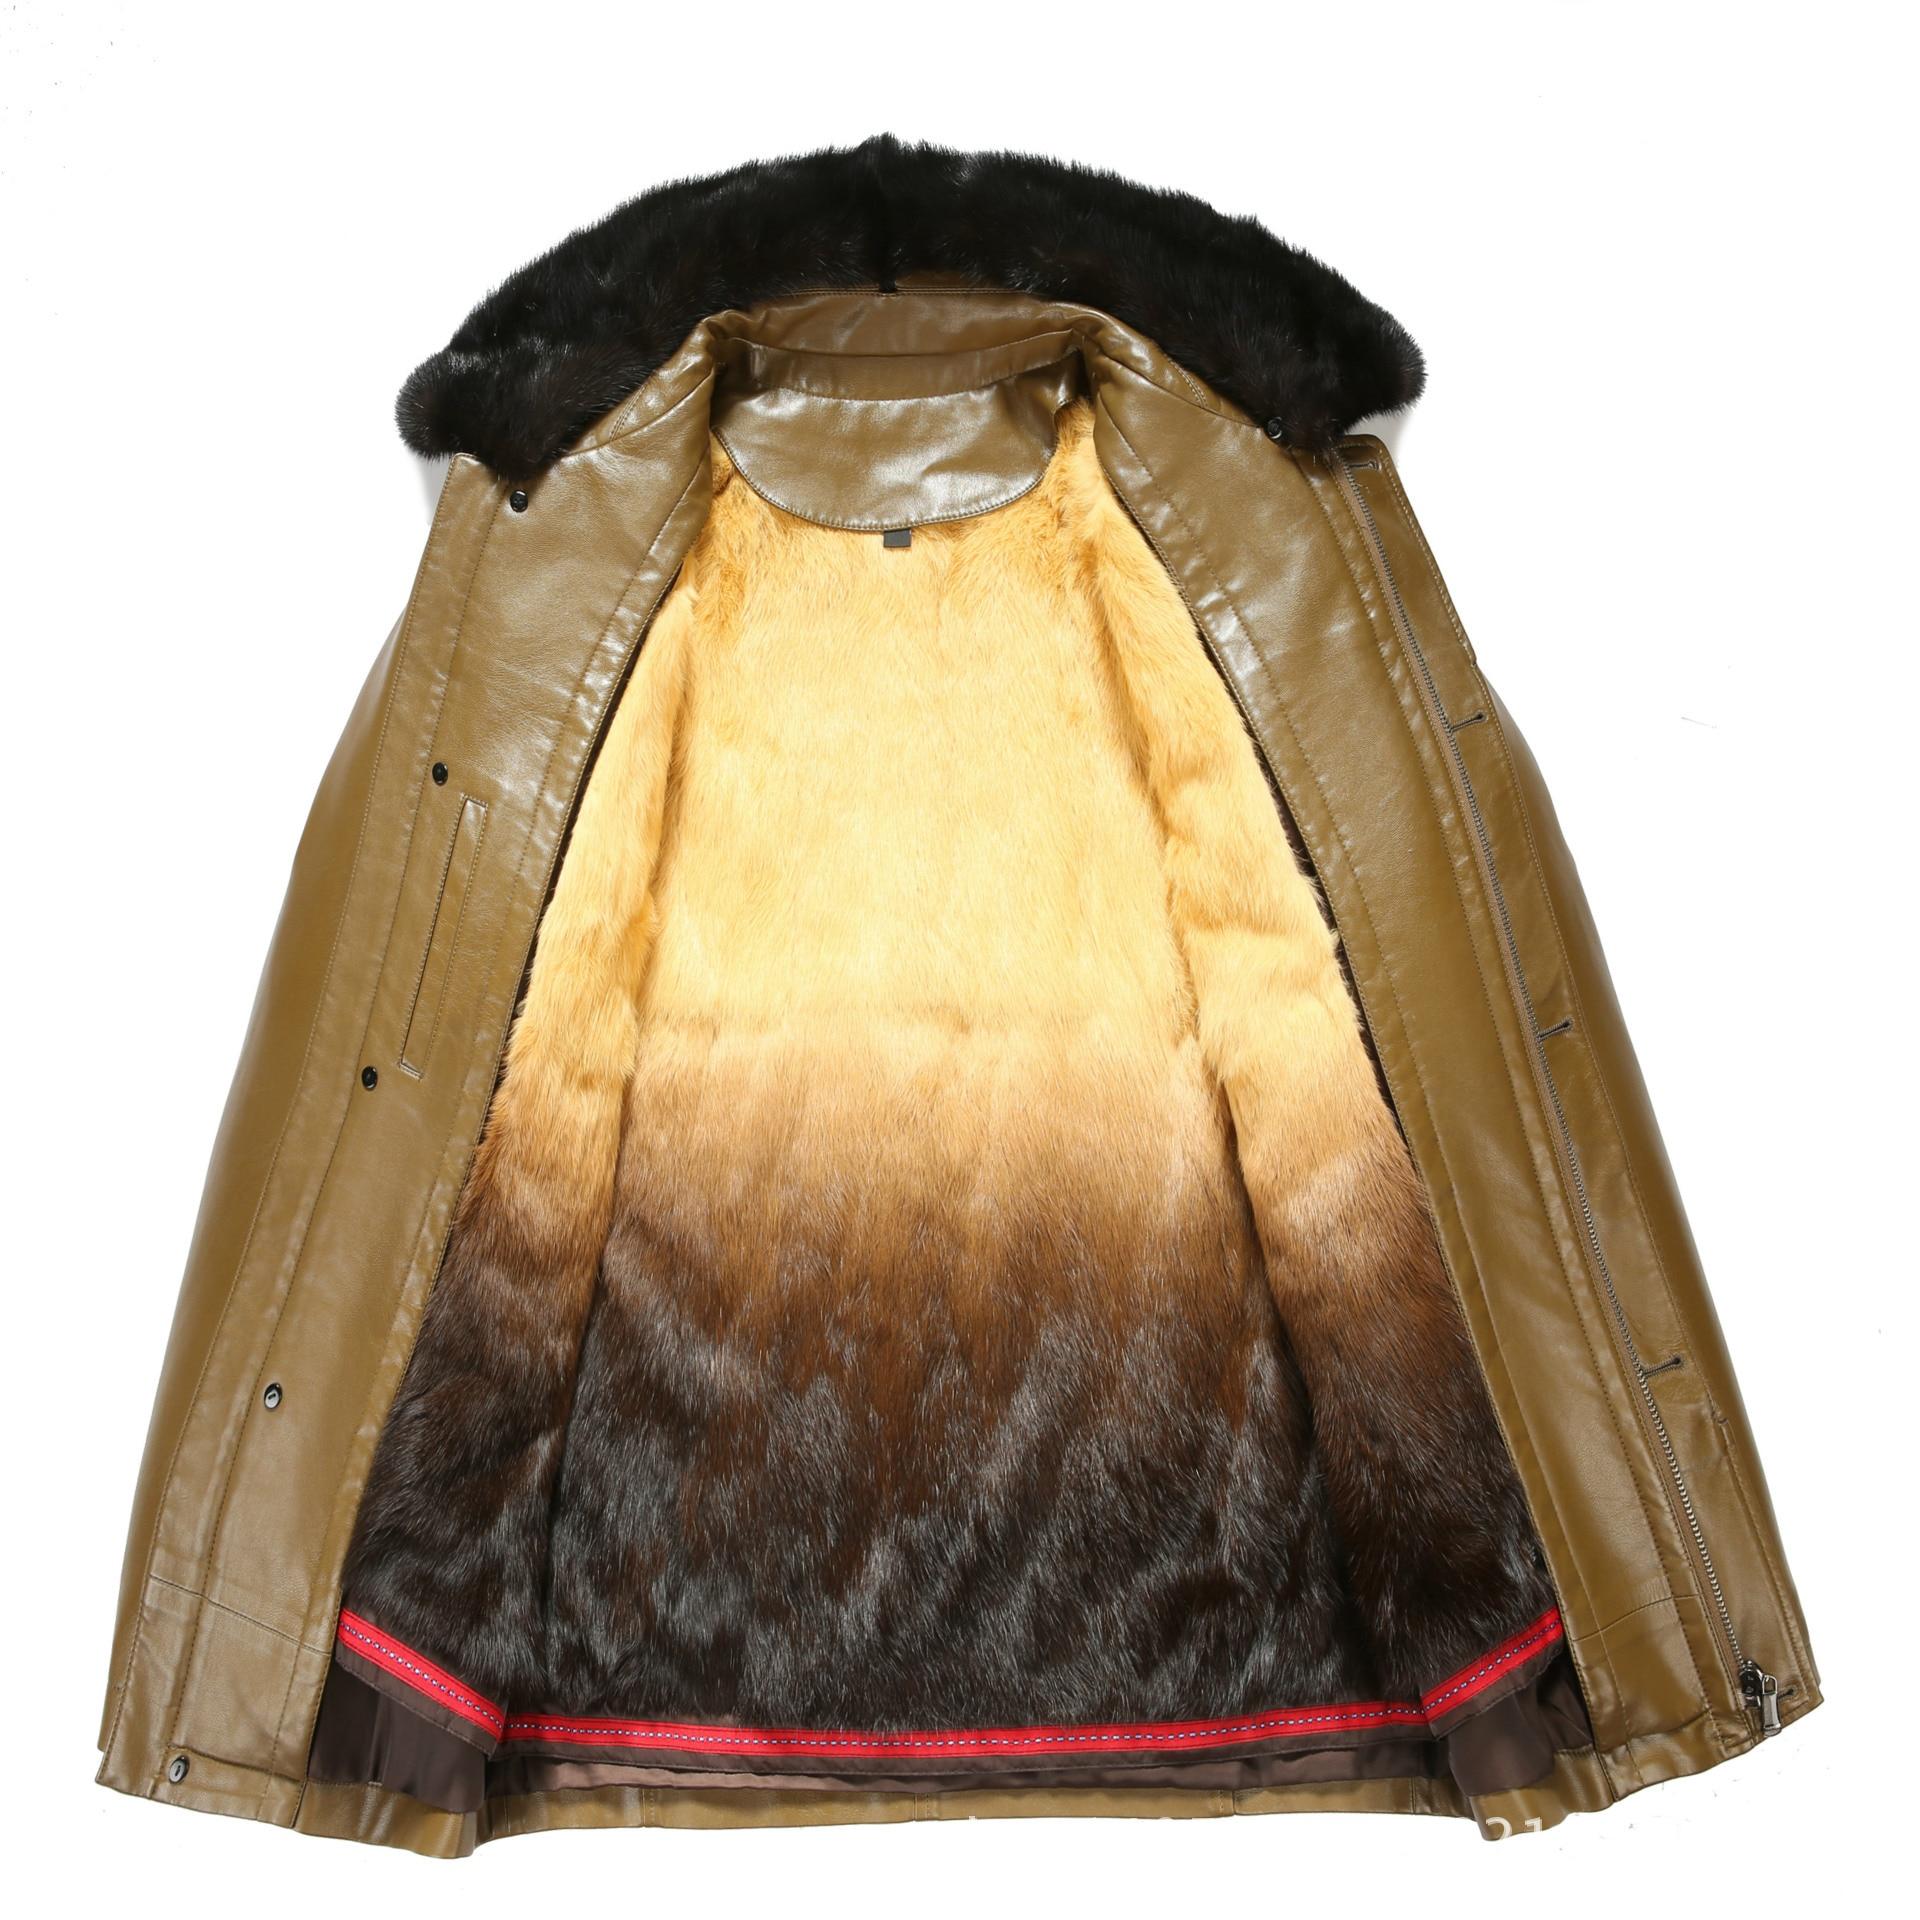 817 nouvelle mode hiver vêtements hommes veste longue en cuir manteau hommes en cuir manteau hiver lapin fourrure doublure vison fourrure veste - 3